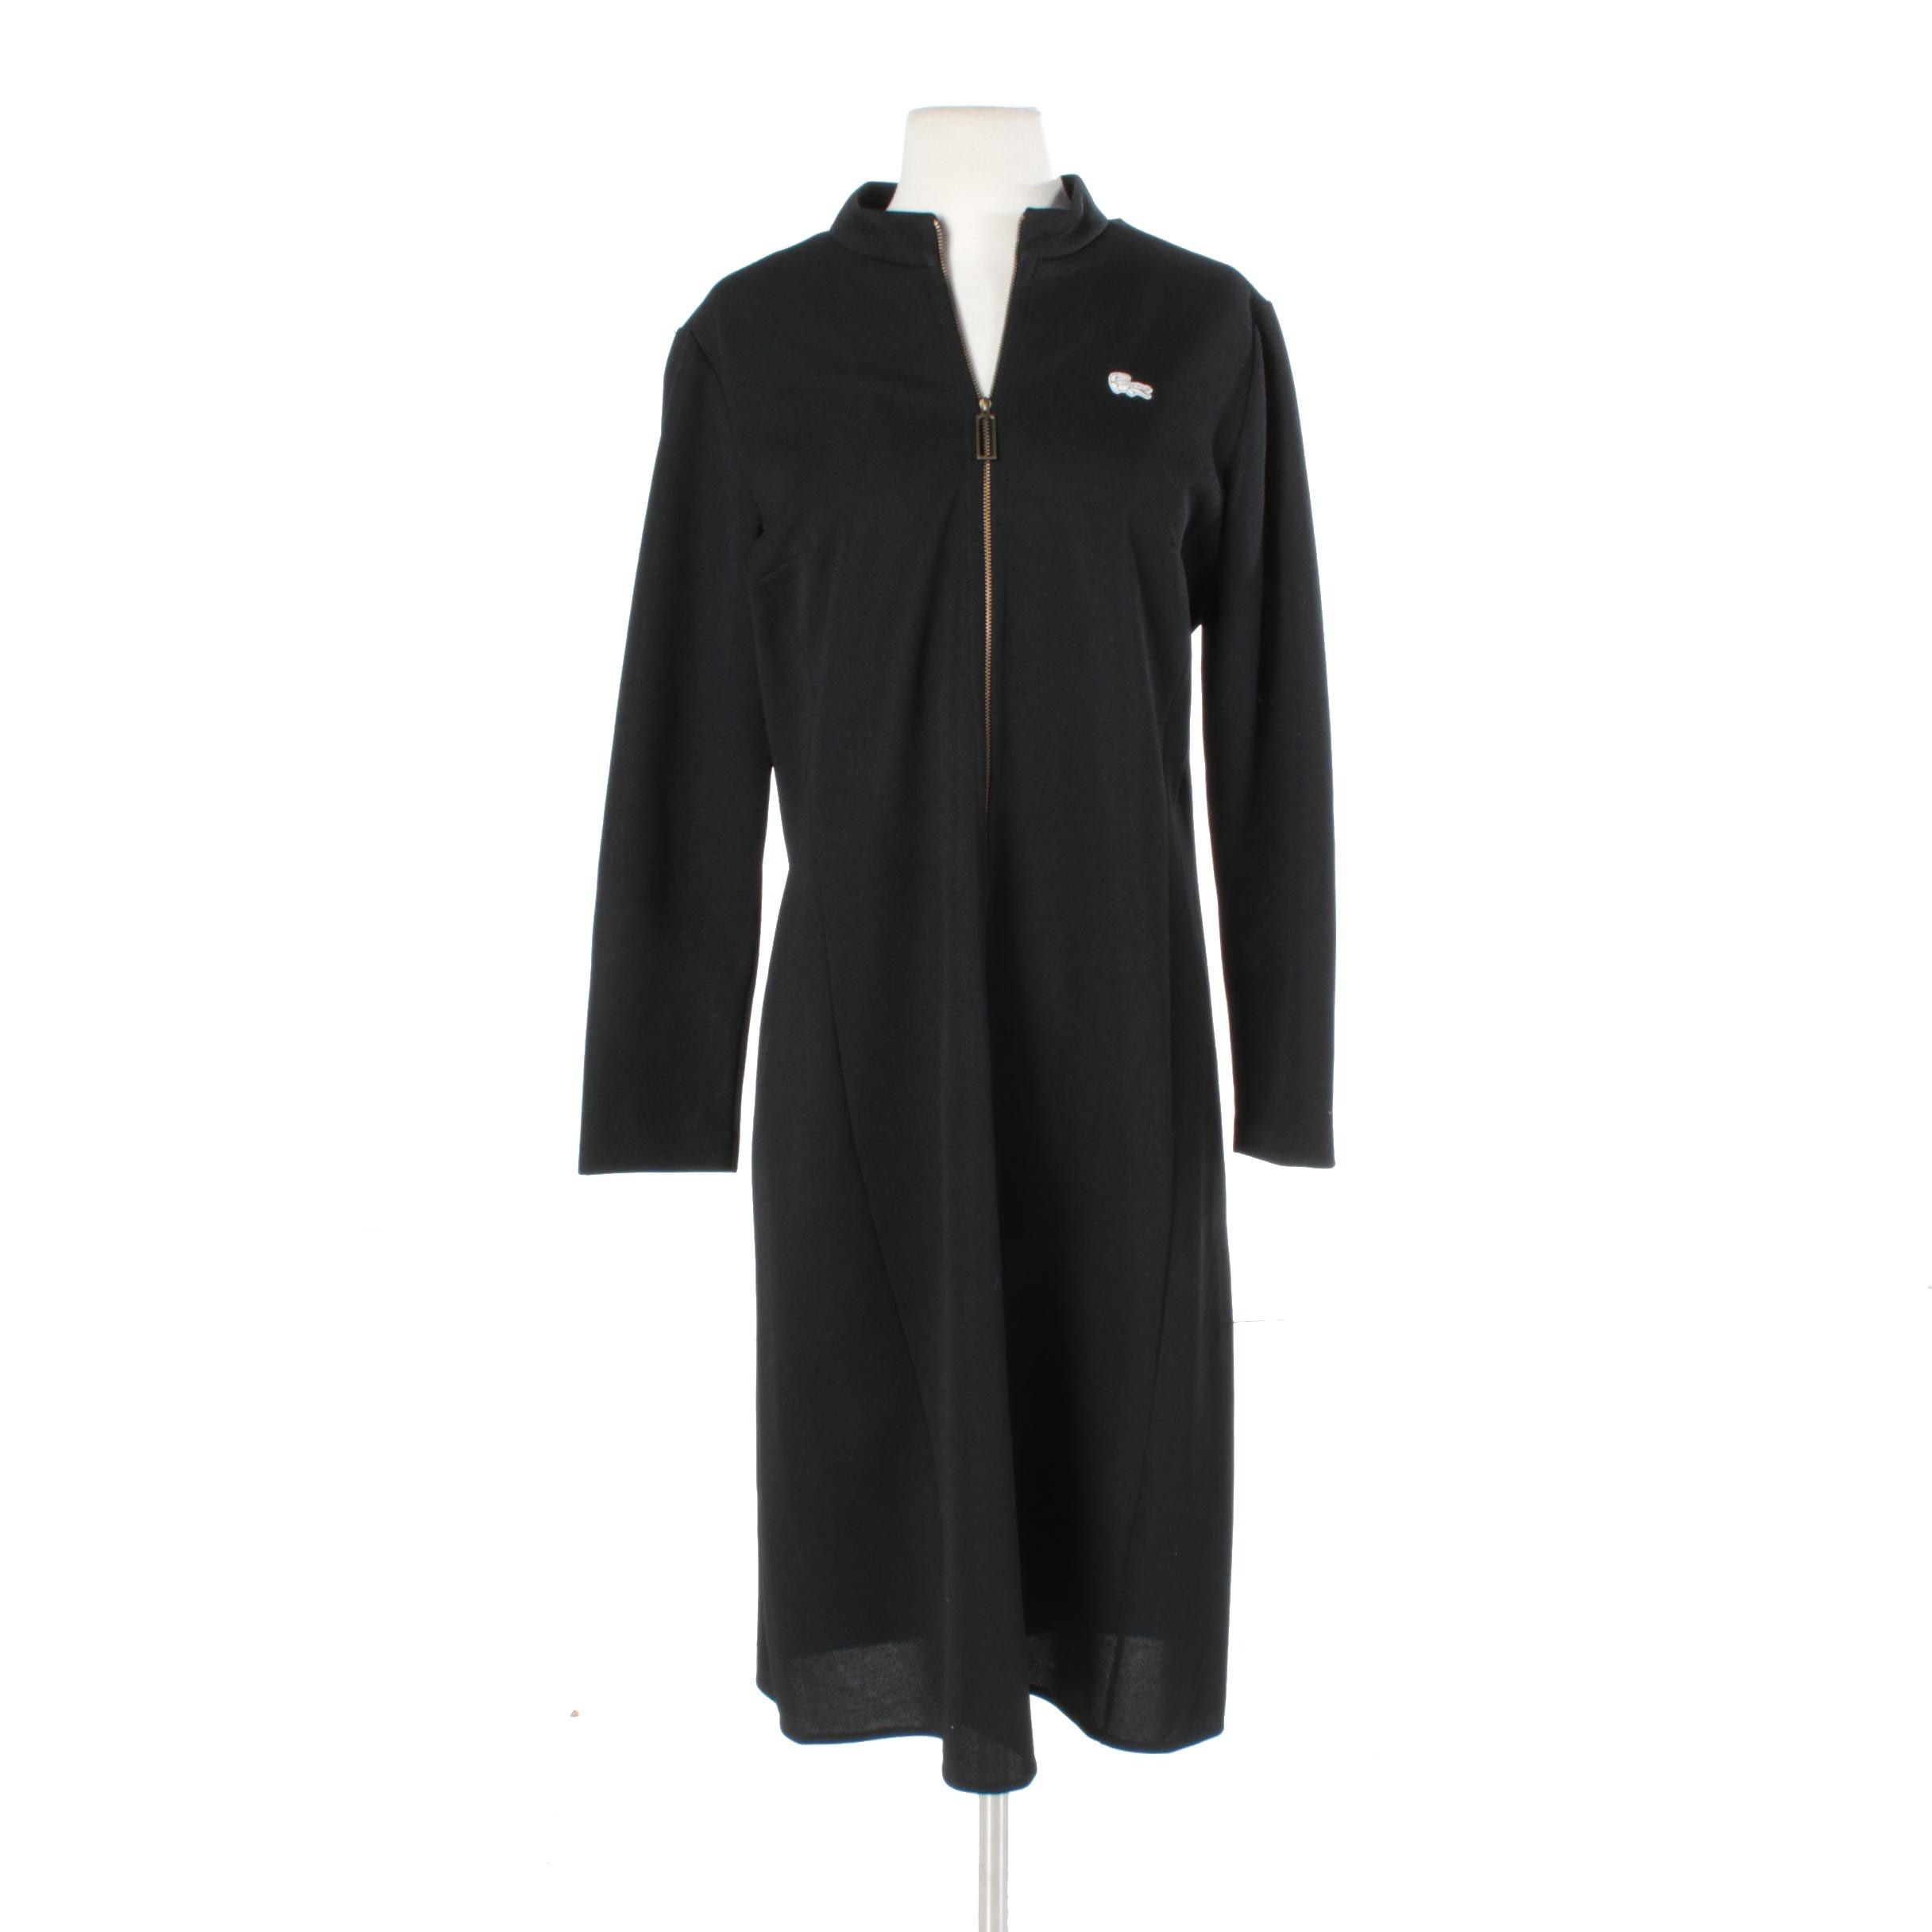 1960s Lacoste Black Zip Front Shift Dress